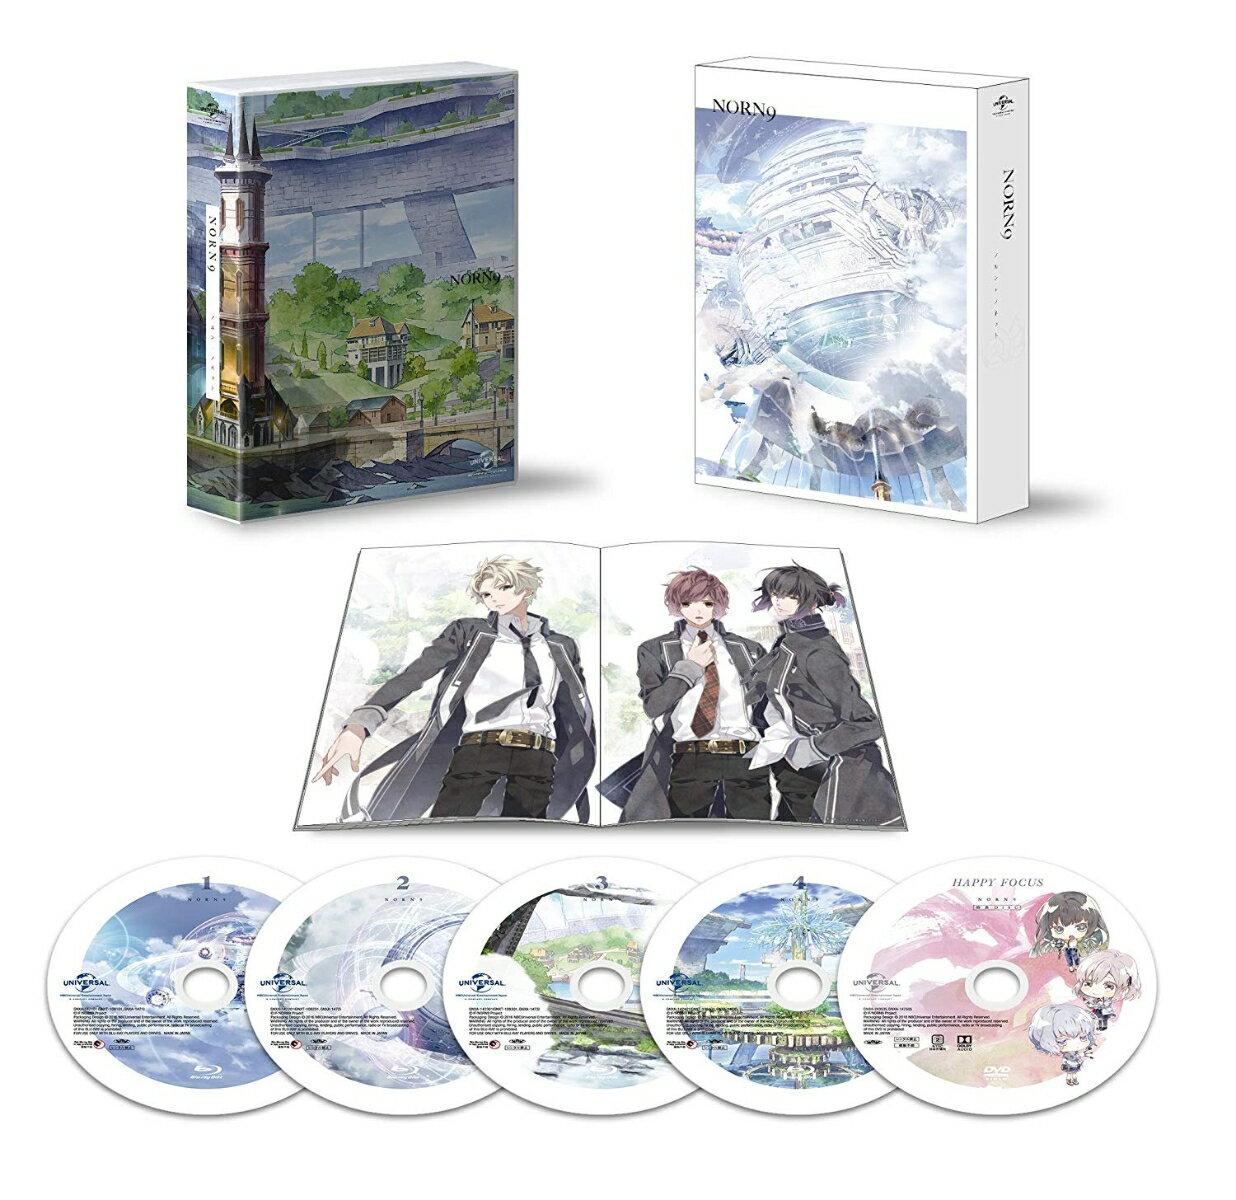 ノルン+ノネット DVD BOX画像